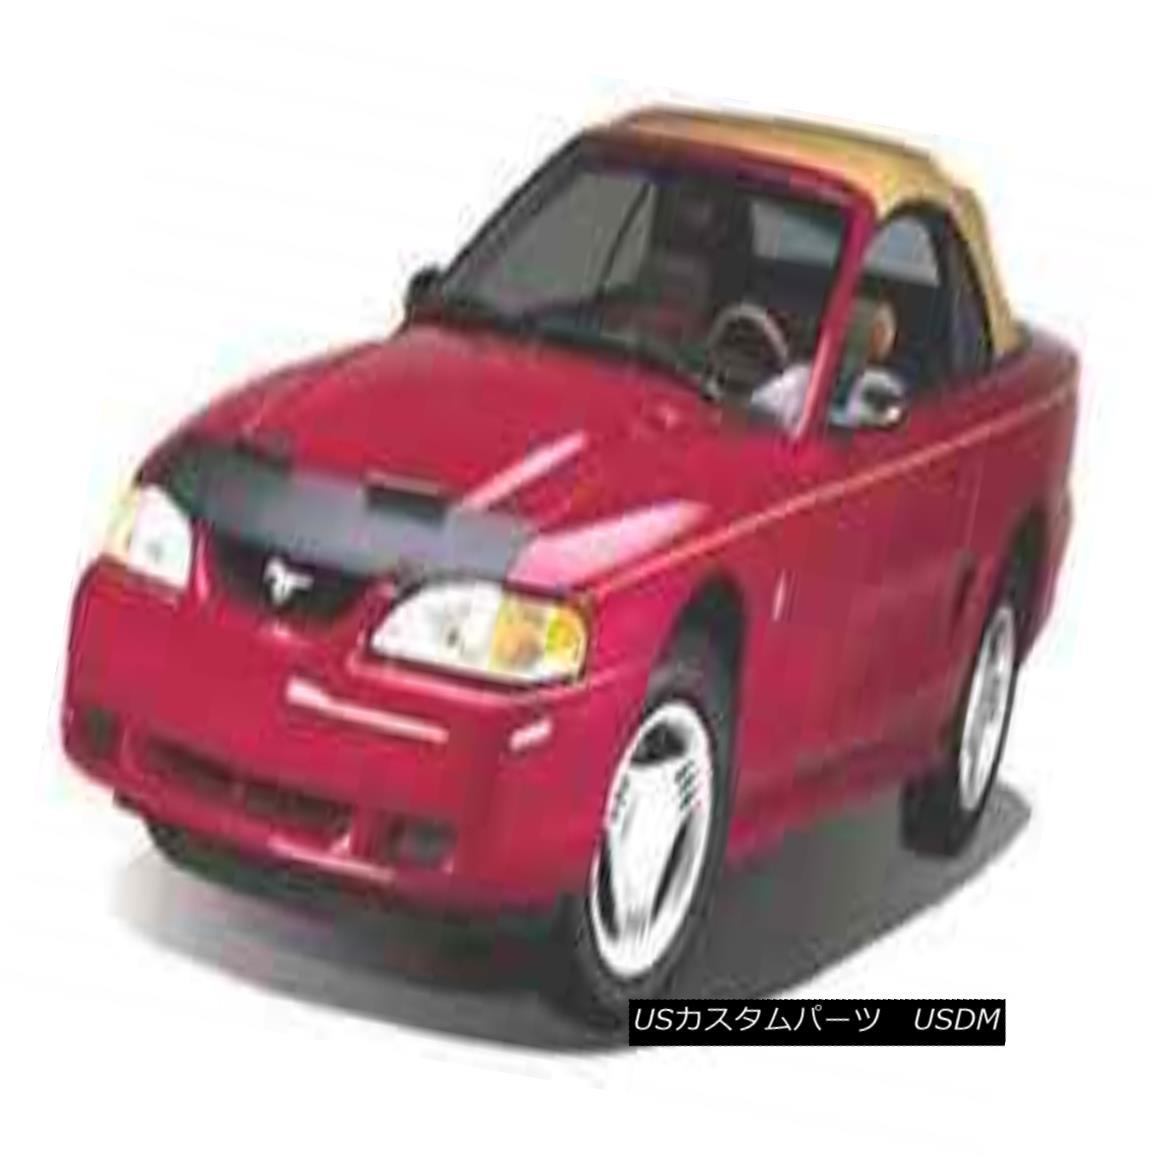 フルブラ ノーズブラ Mini Mask Bra Hood cover Fits Honda Civic 1992-1995 Hatch & Sedan ミニマスクブラジャーフードカバーHonda Civic適合1992-1995 Hatch& セダン